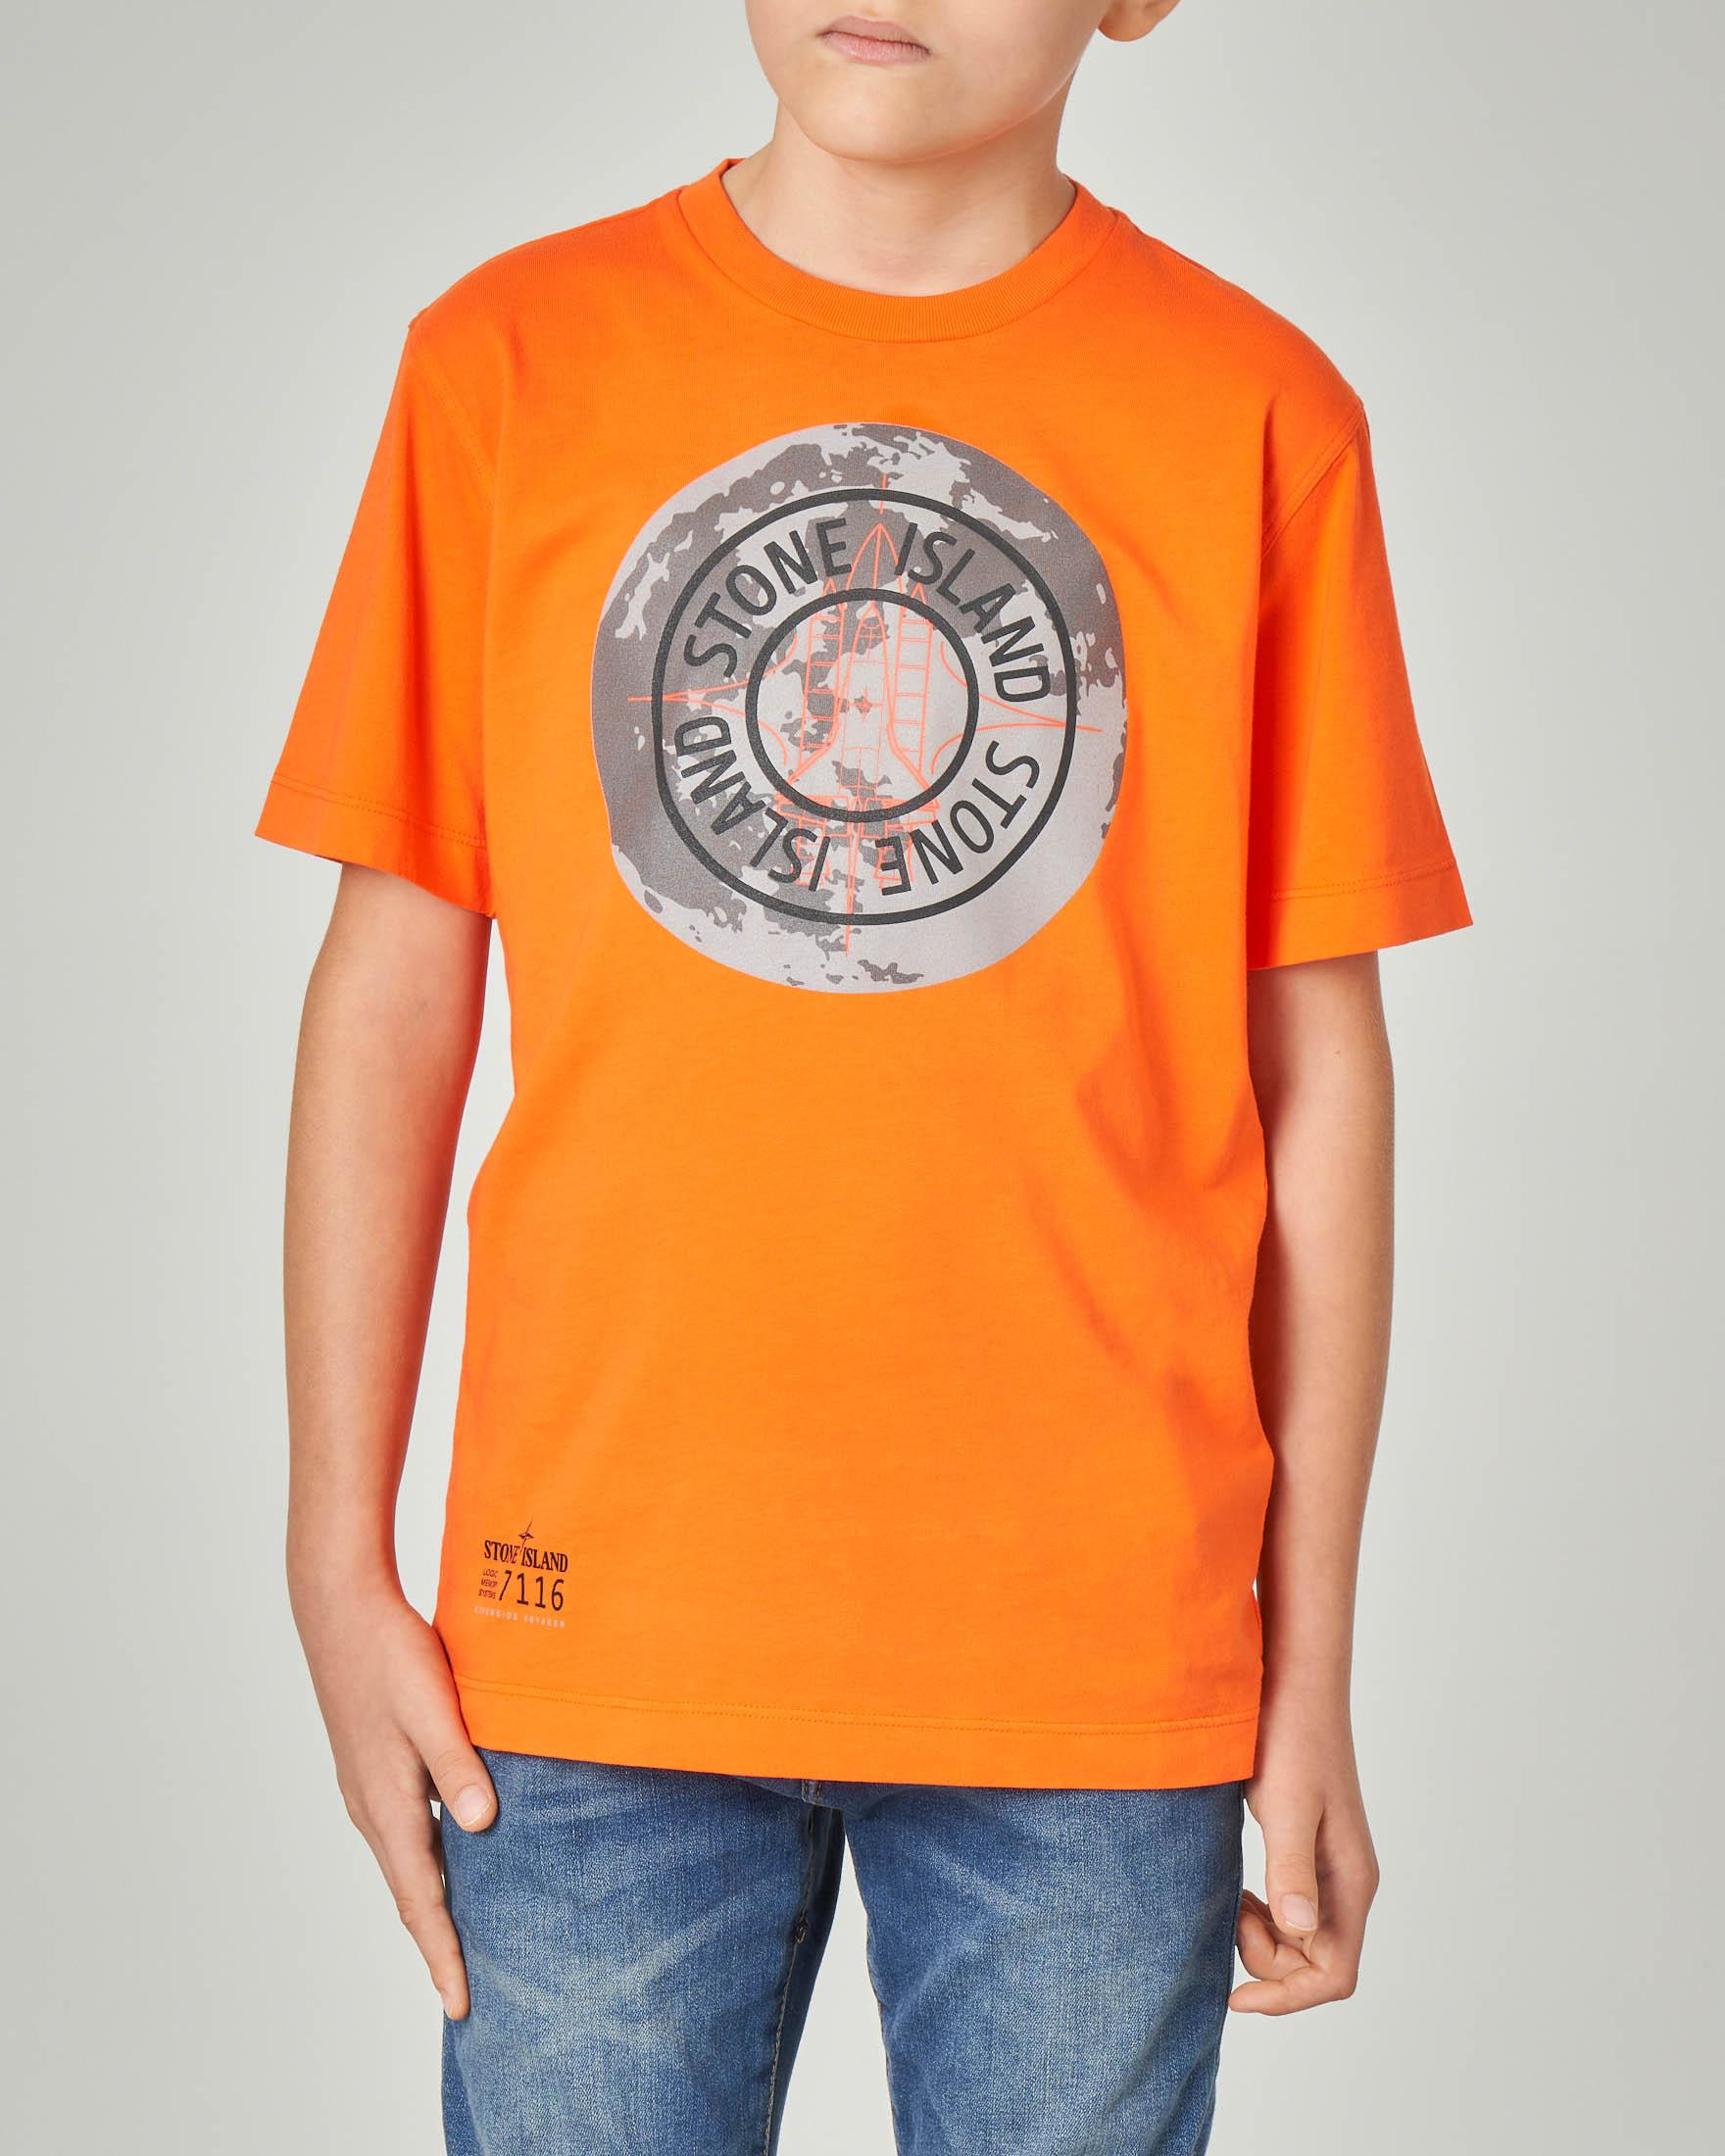 T-shirt arancione con stampa e logo 8 anni